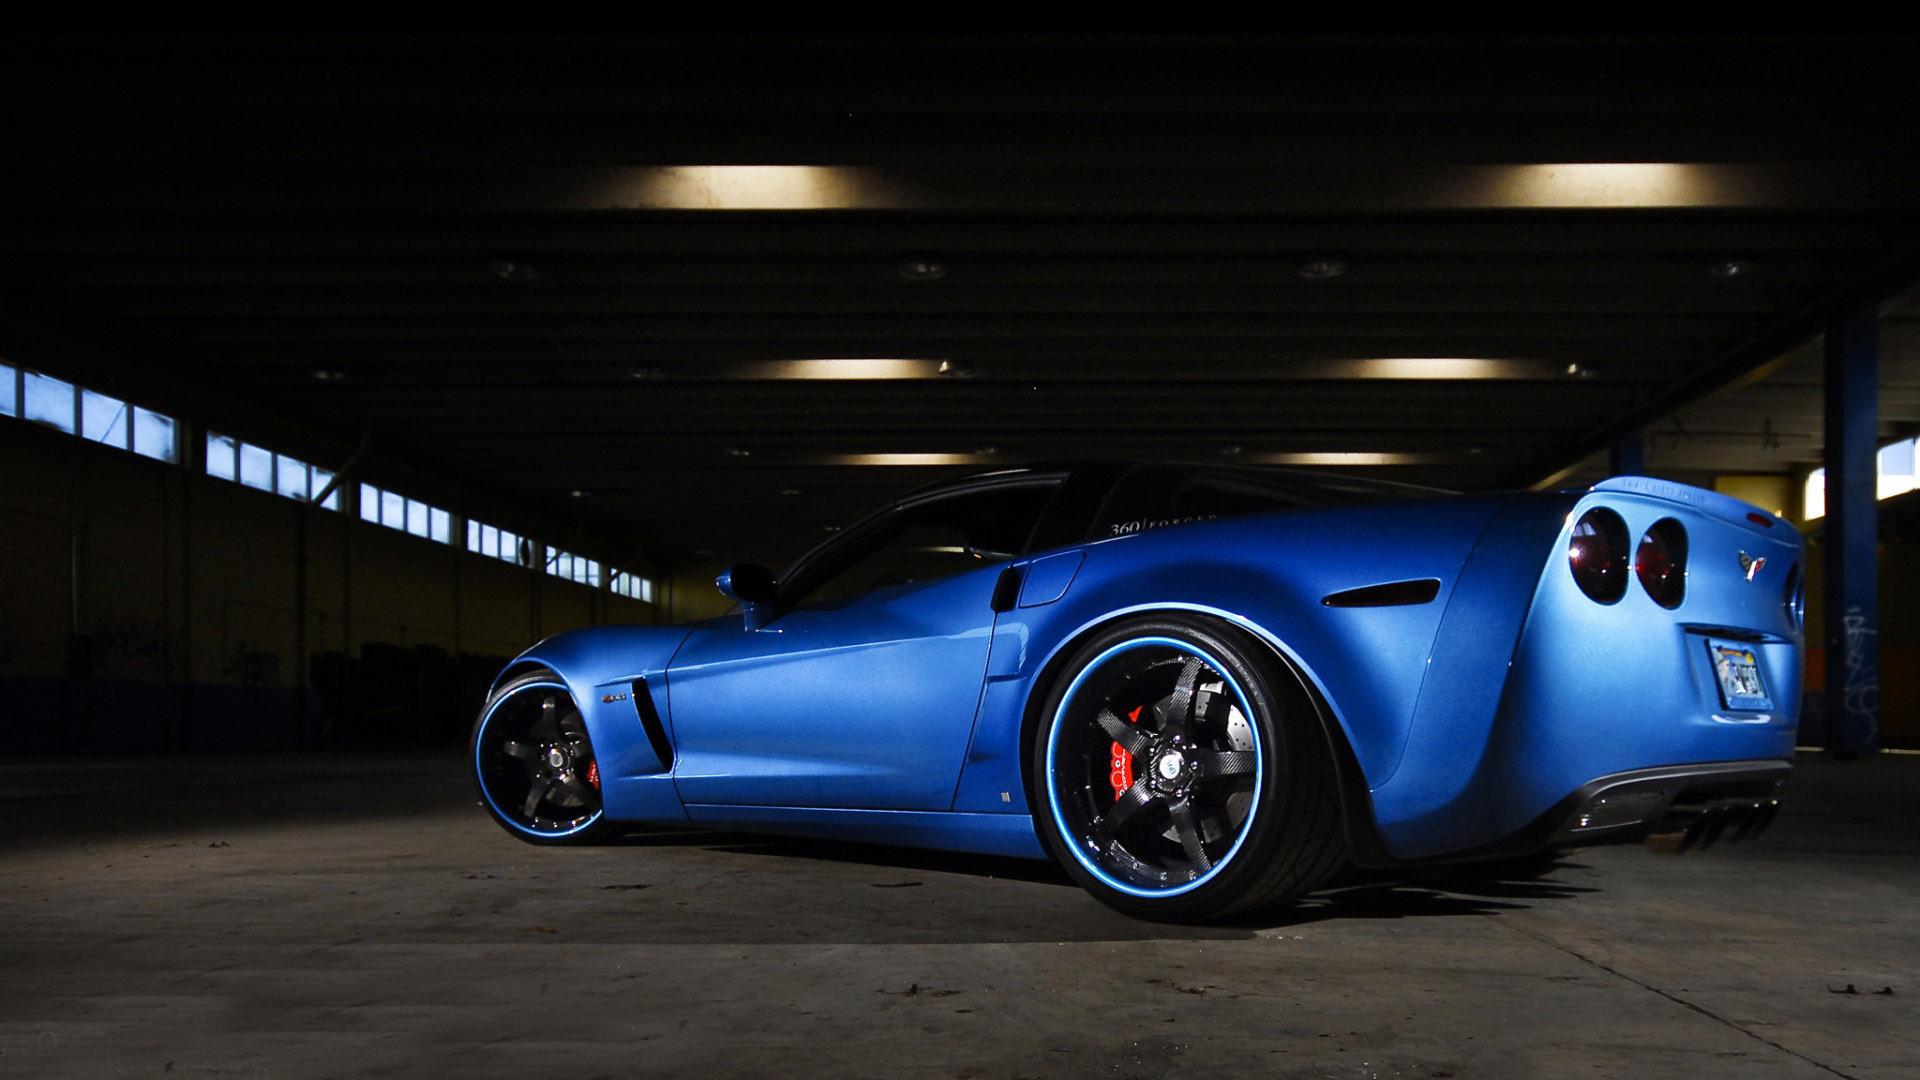 Corvette C6 Wallpaper Wallpapersafari